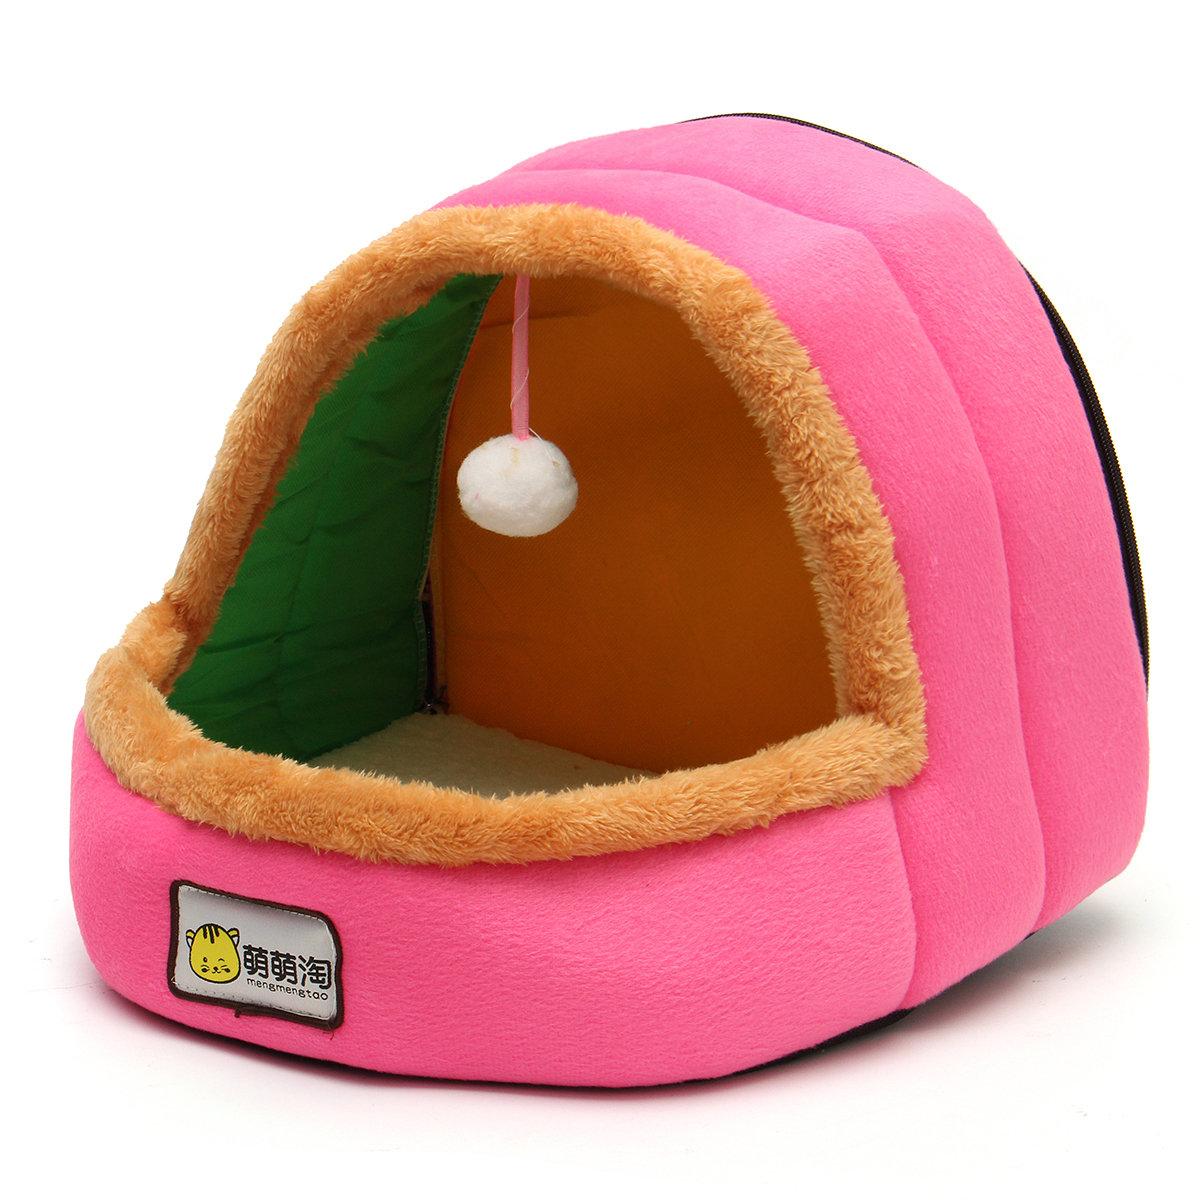 26x29x29cm Mongolian Kennel Cat Pet Nest Dog Pet Warm Beds House Cotton Puppy Mats